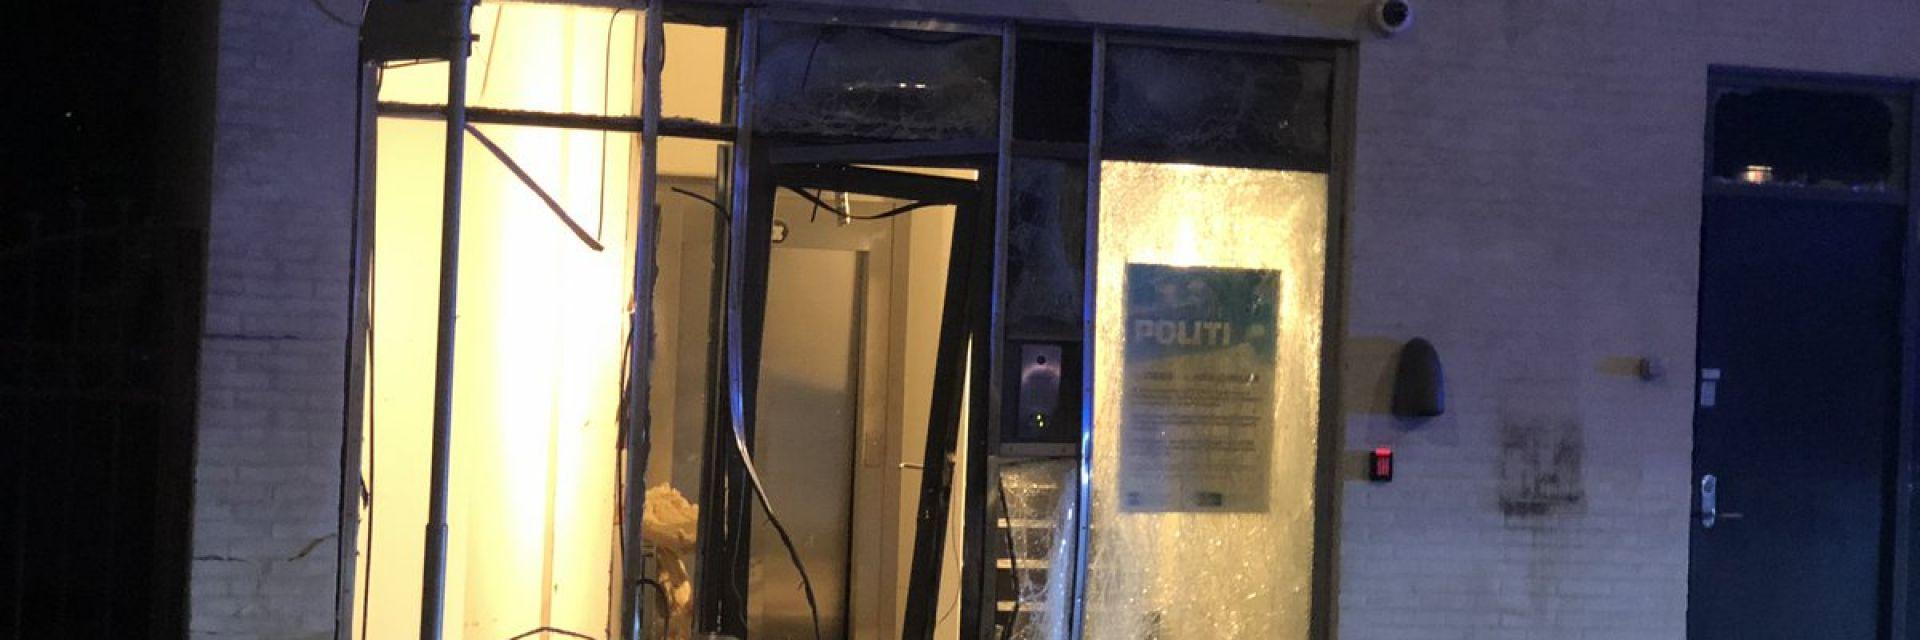 Втори взрив за 4 дни разтърси Копенхаген (снимки)